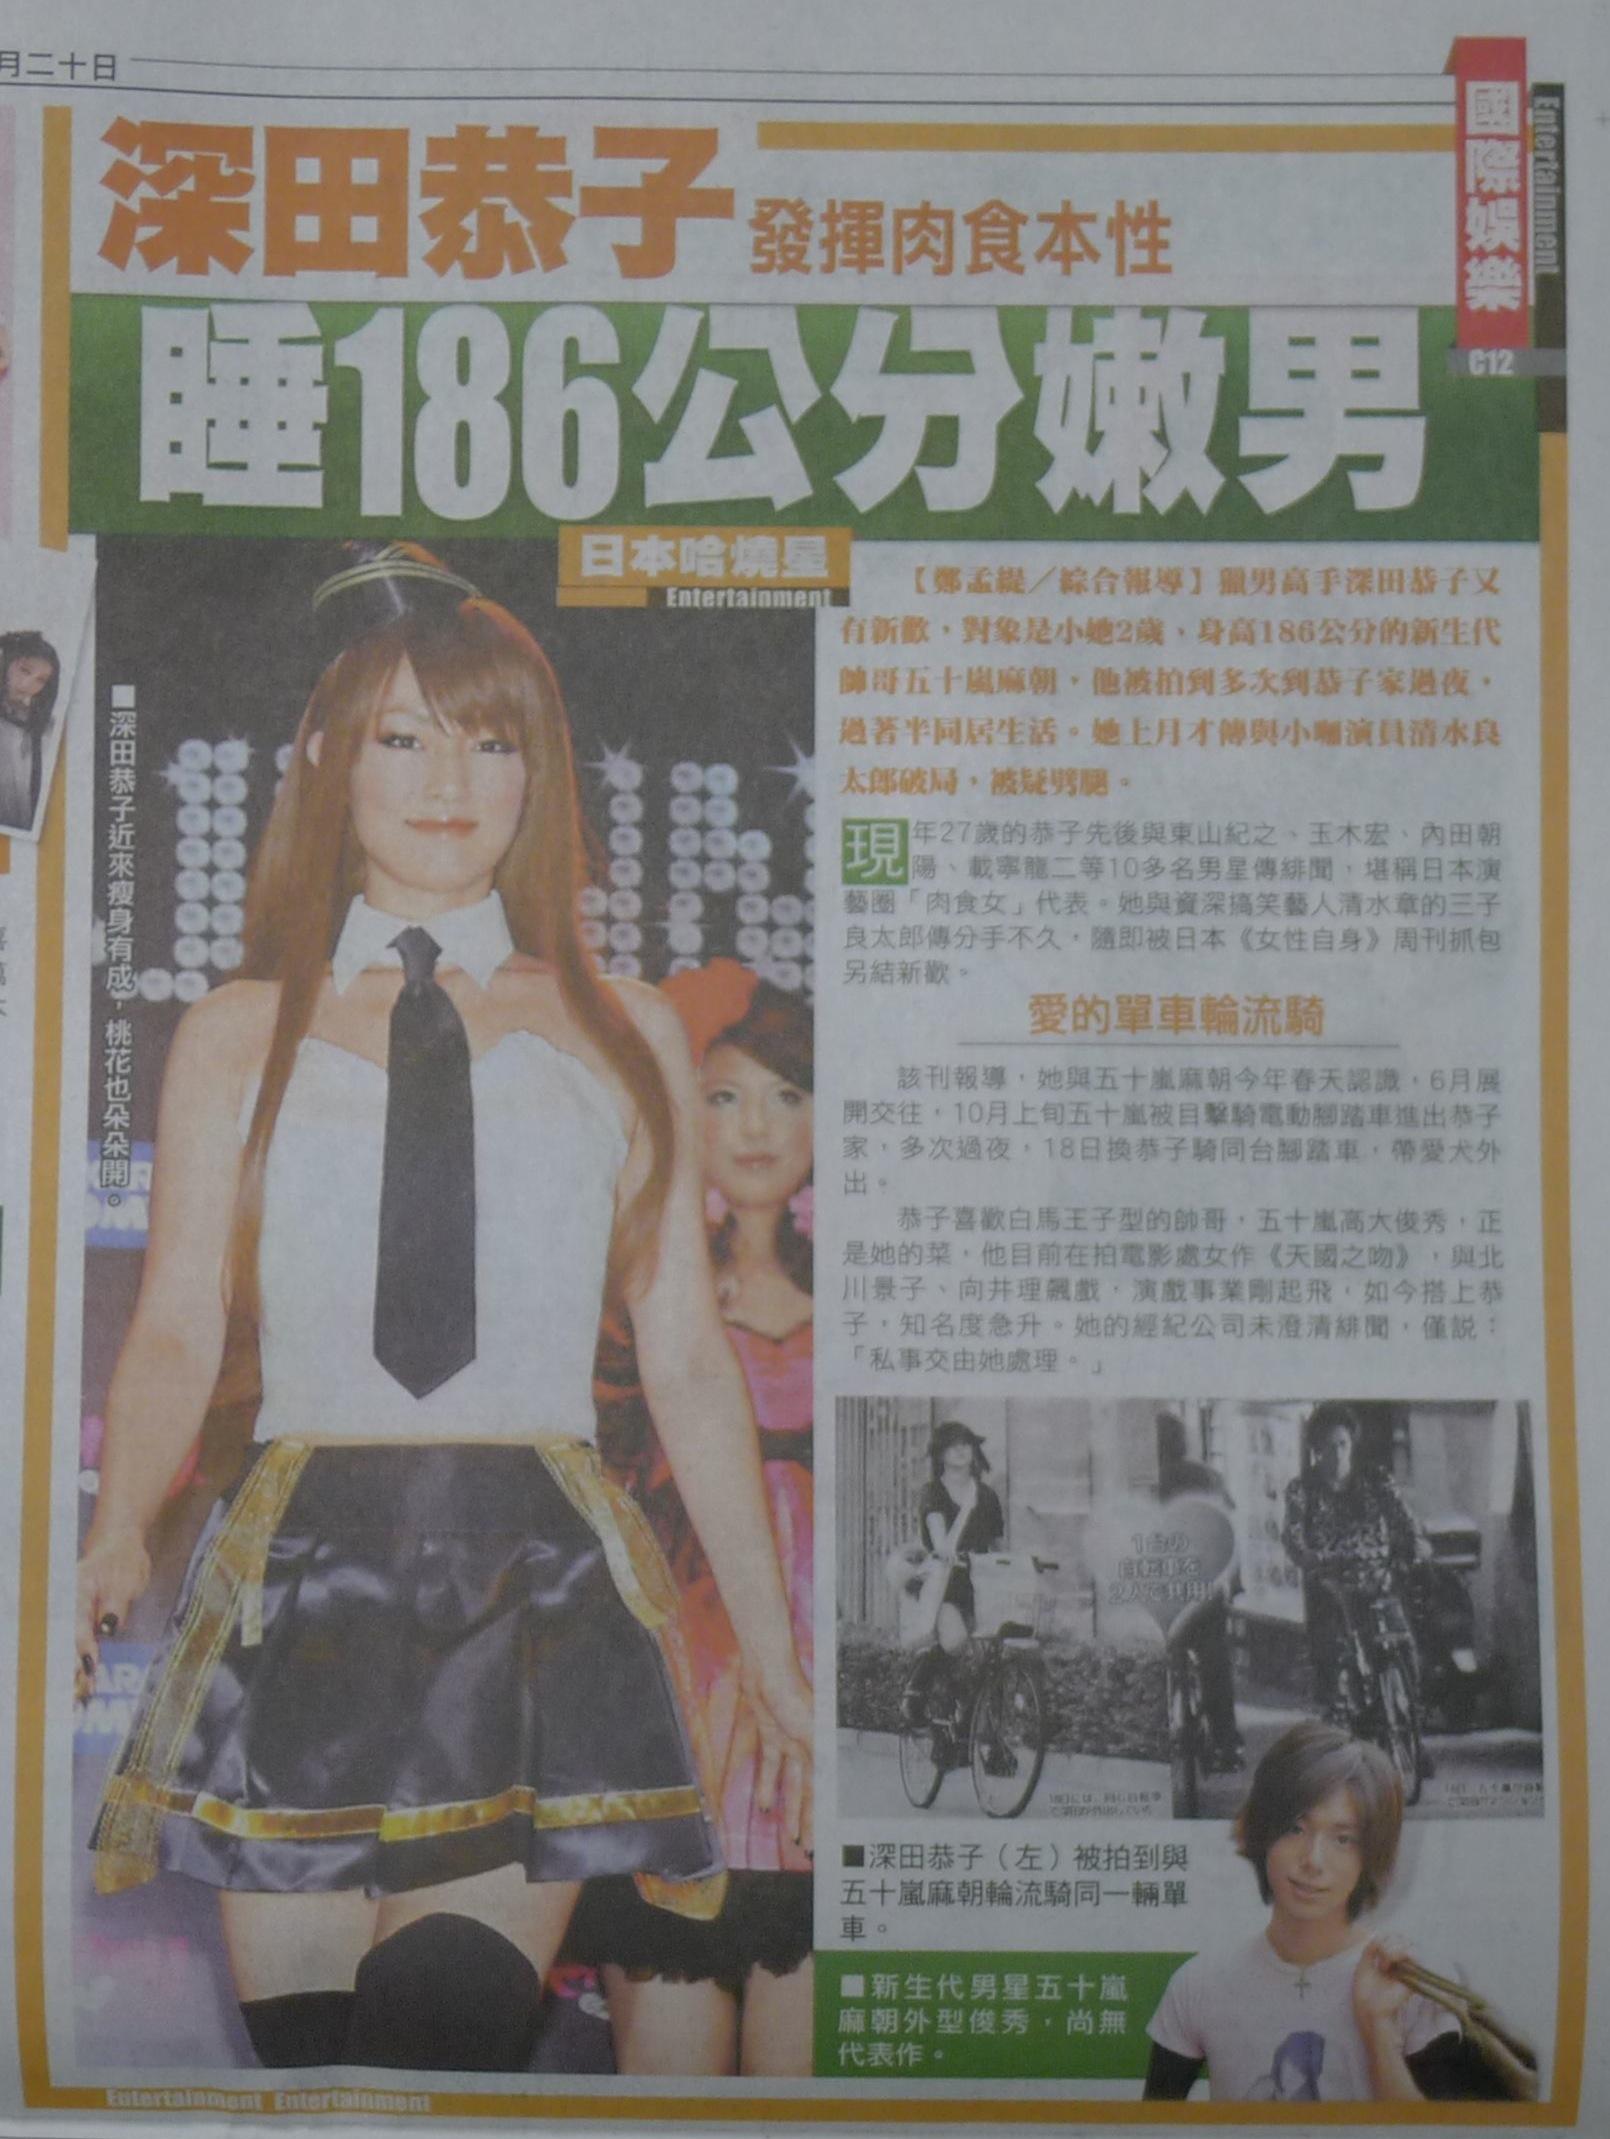 深田恭子發揮肉食本性 睡186公分嫩男 20101027